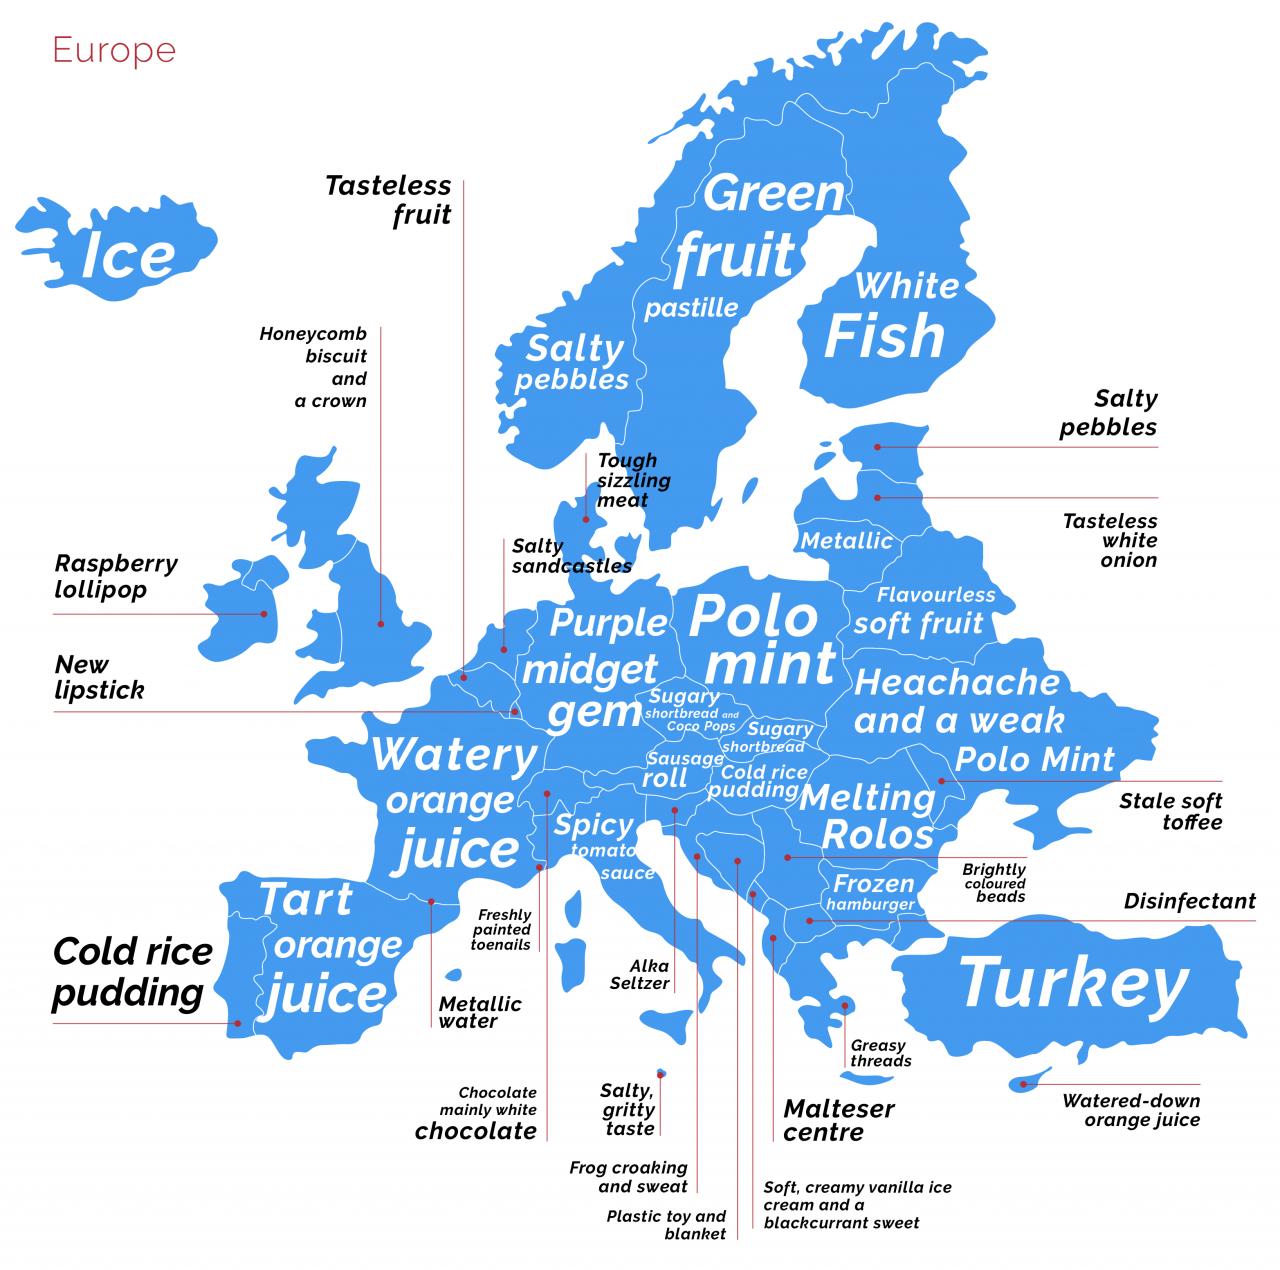 Europe synaesthesia